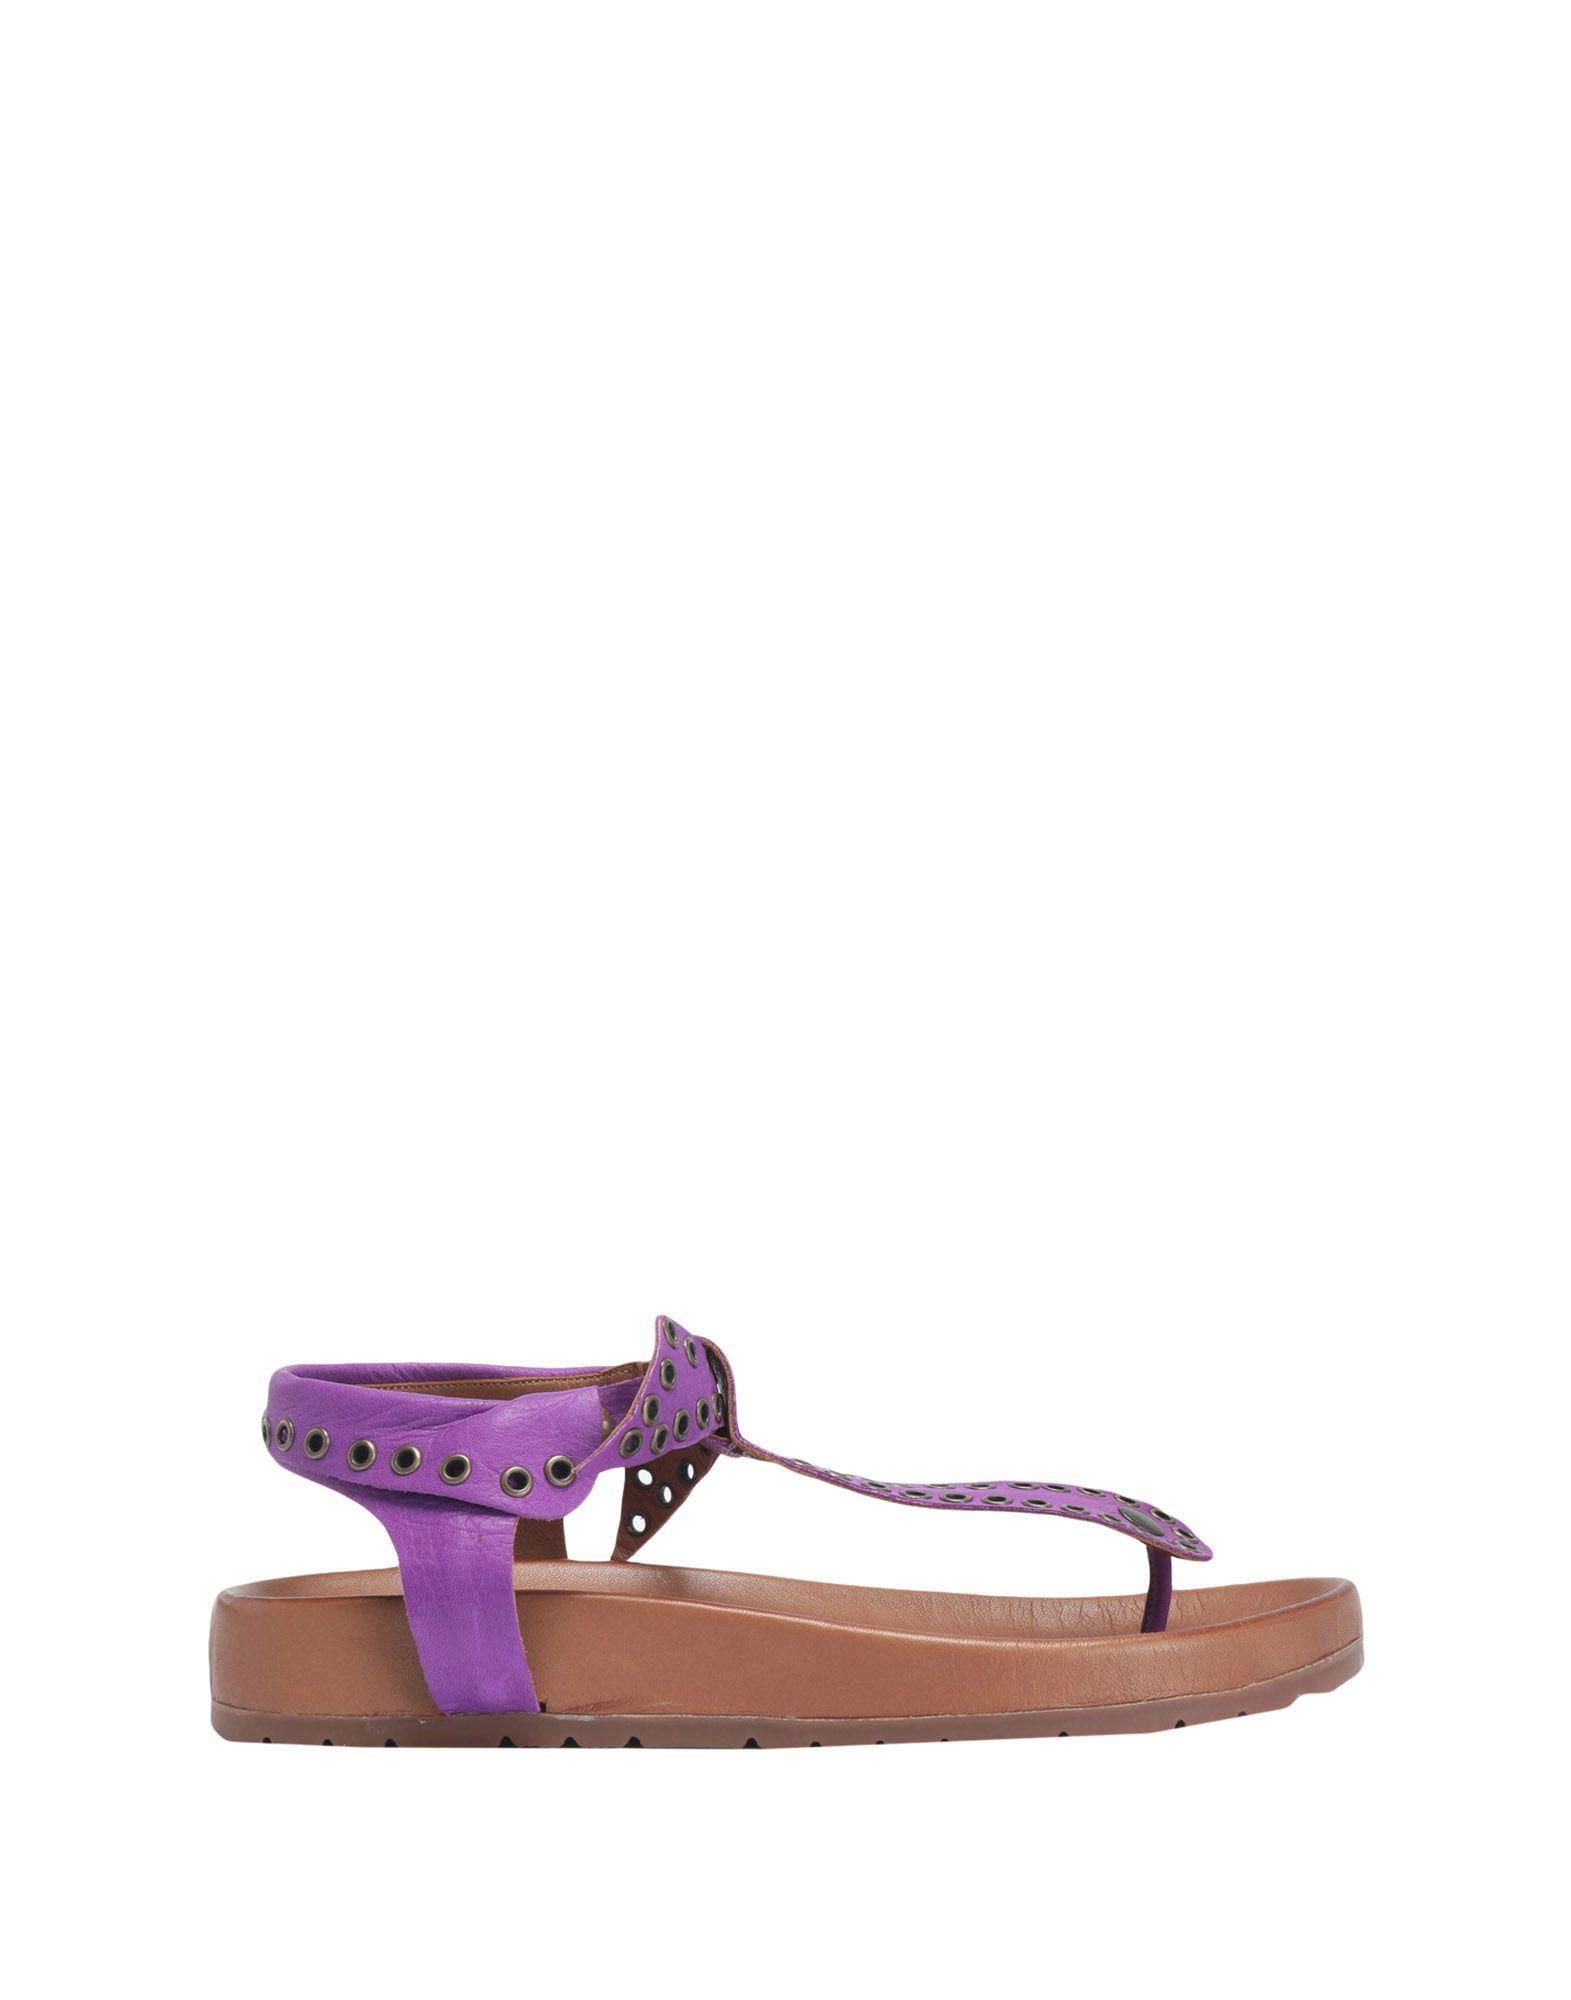 Inuovo Dianetten Damen  11146861QG Gute Qualität beliebte Schuhe